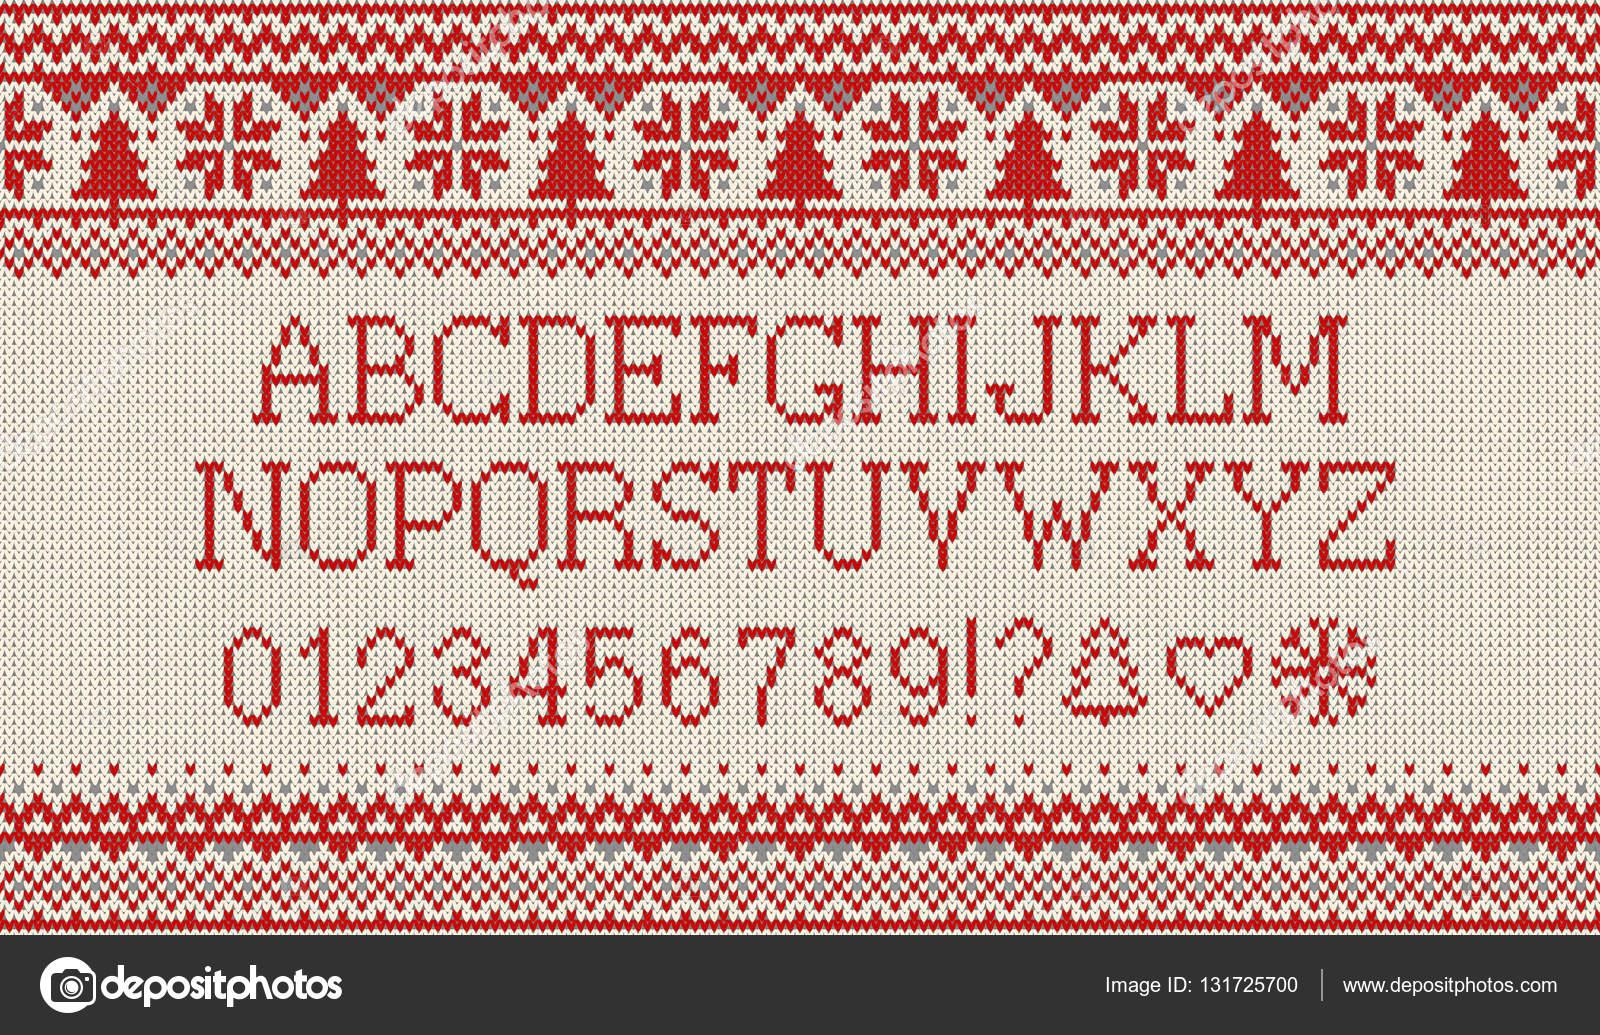 Natale In Latino.Carattere Di Natale Alfabeto Latino A Maglia Su Reticolo